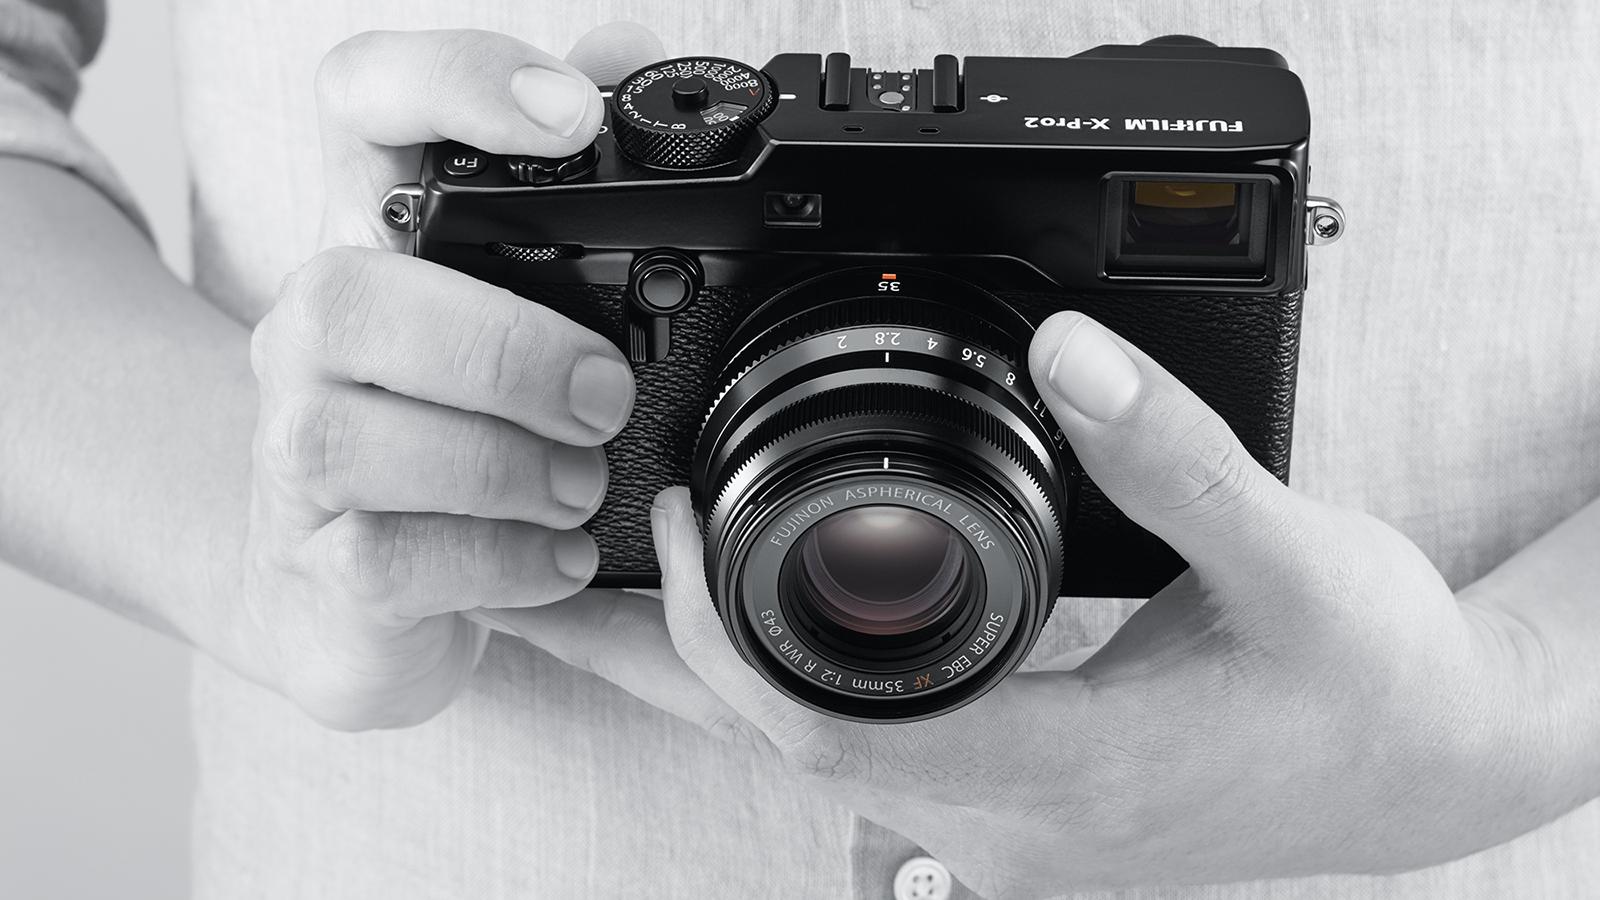 Fujifilm X-Pro2 tarkvarauuendus toob väiksed, kuid olulised parandused